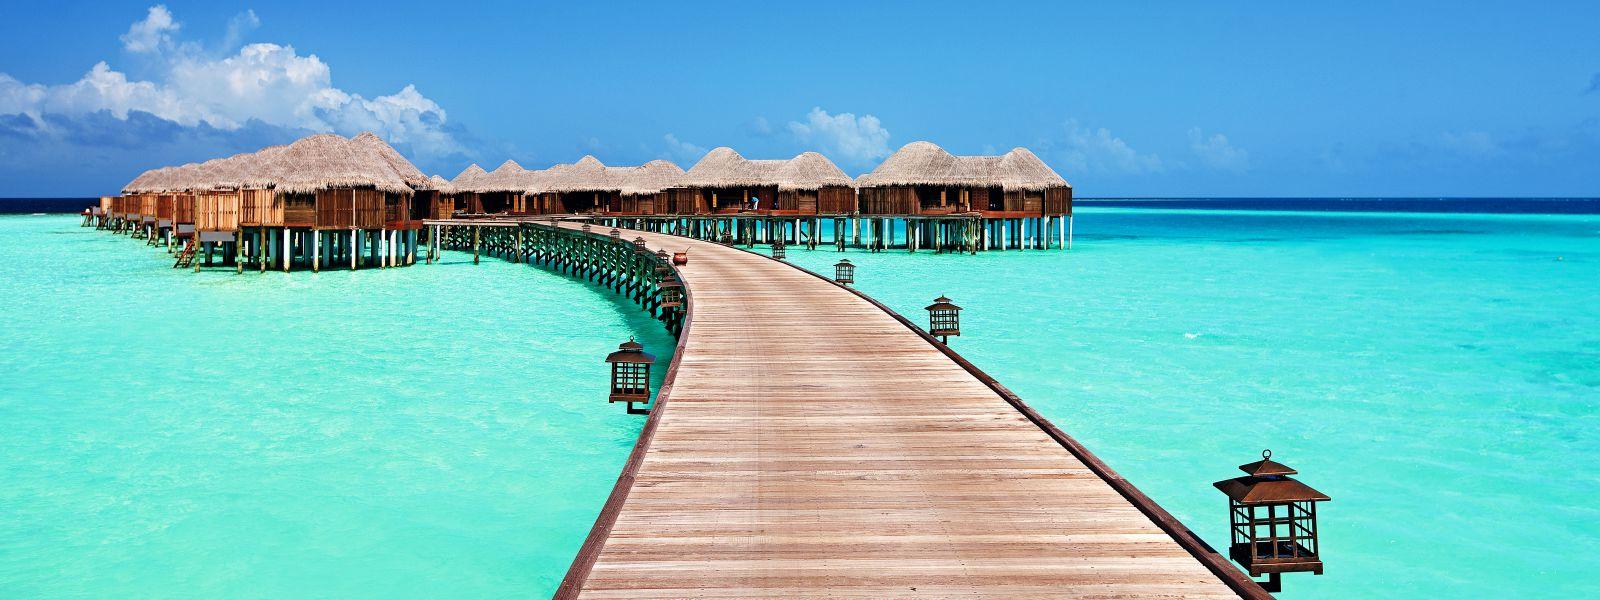 Constance Halaveli Wasservillen Malediven